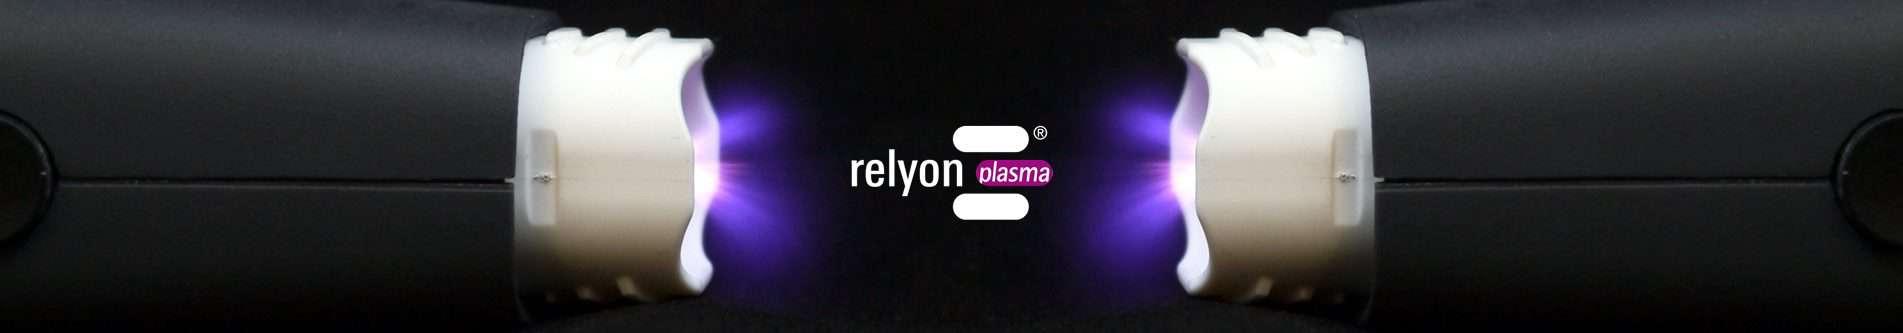 relyon plasma - PDD® Technologie